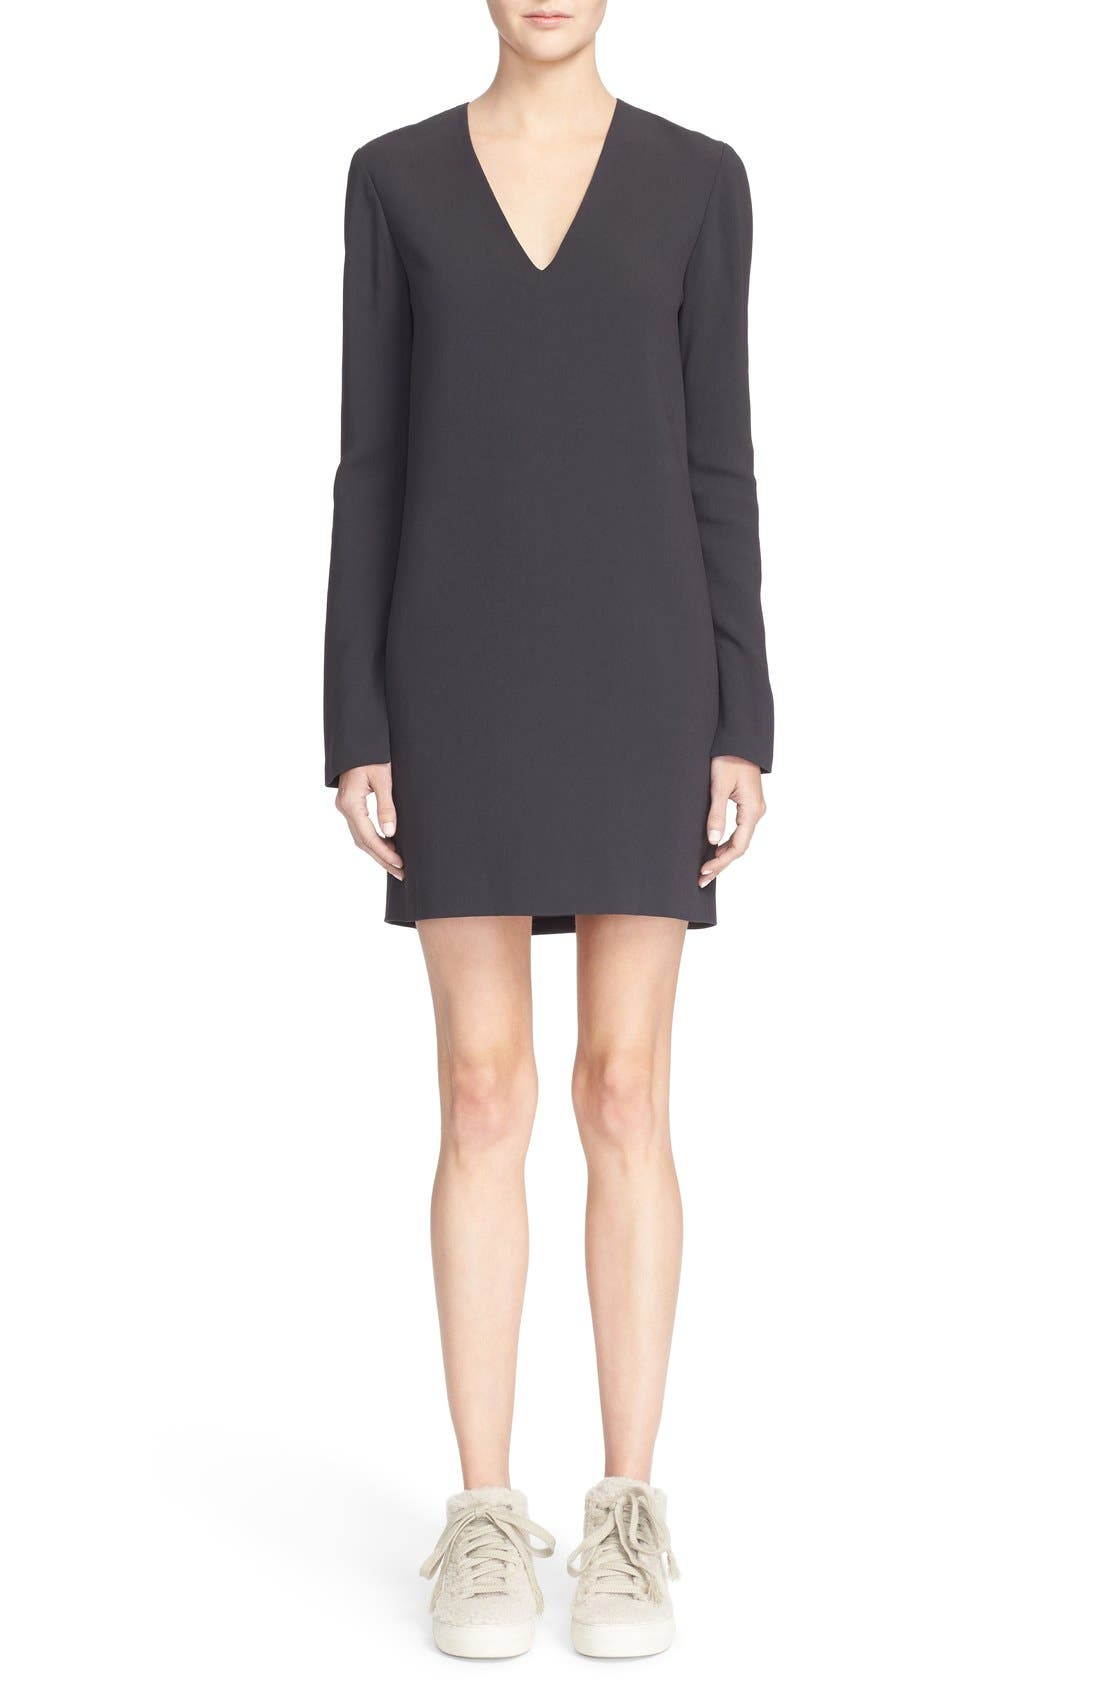 Alternate Image 1 Selected - Helmut Lang V-Neck Dress